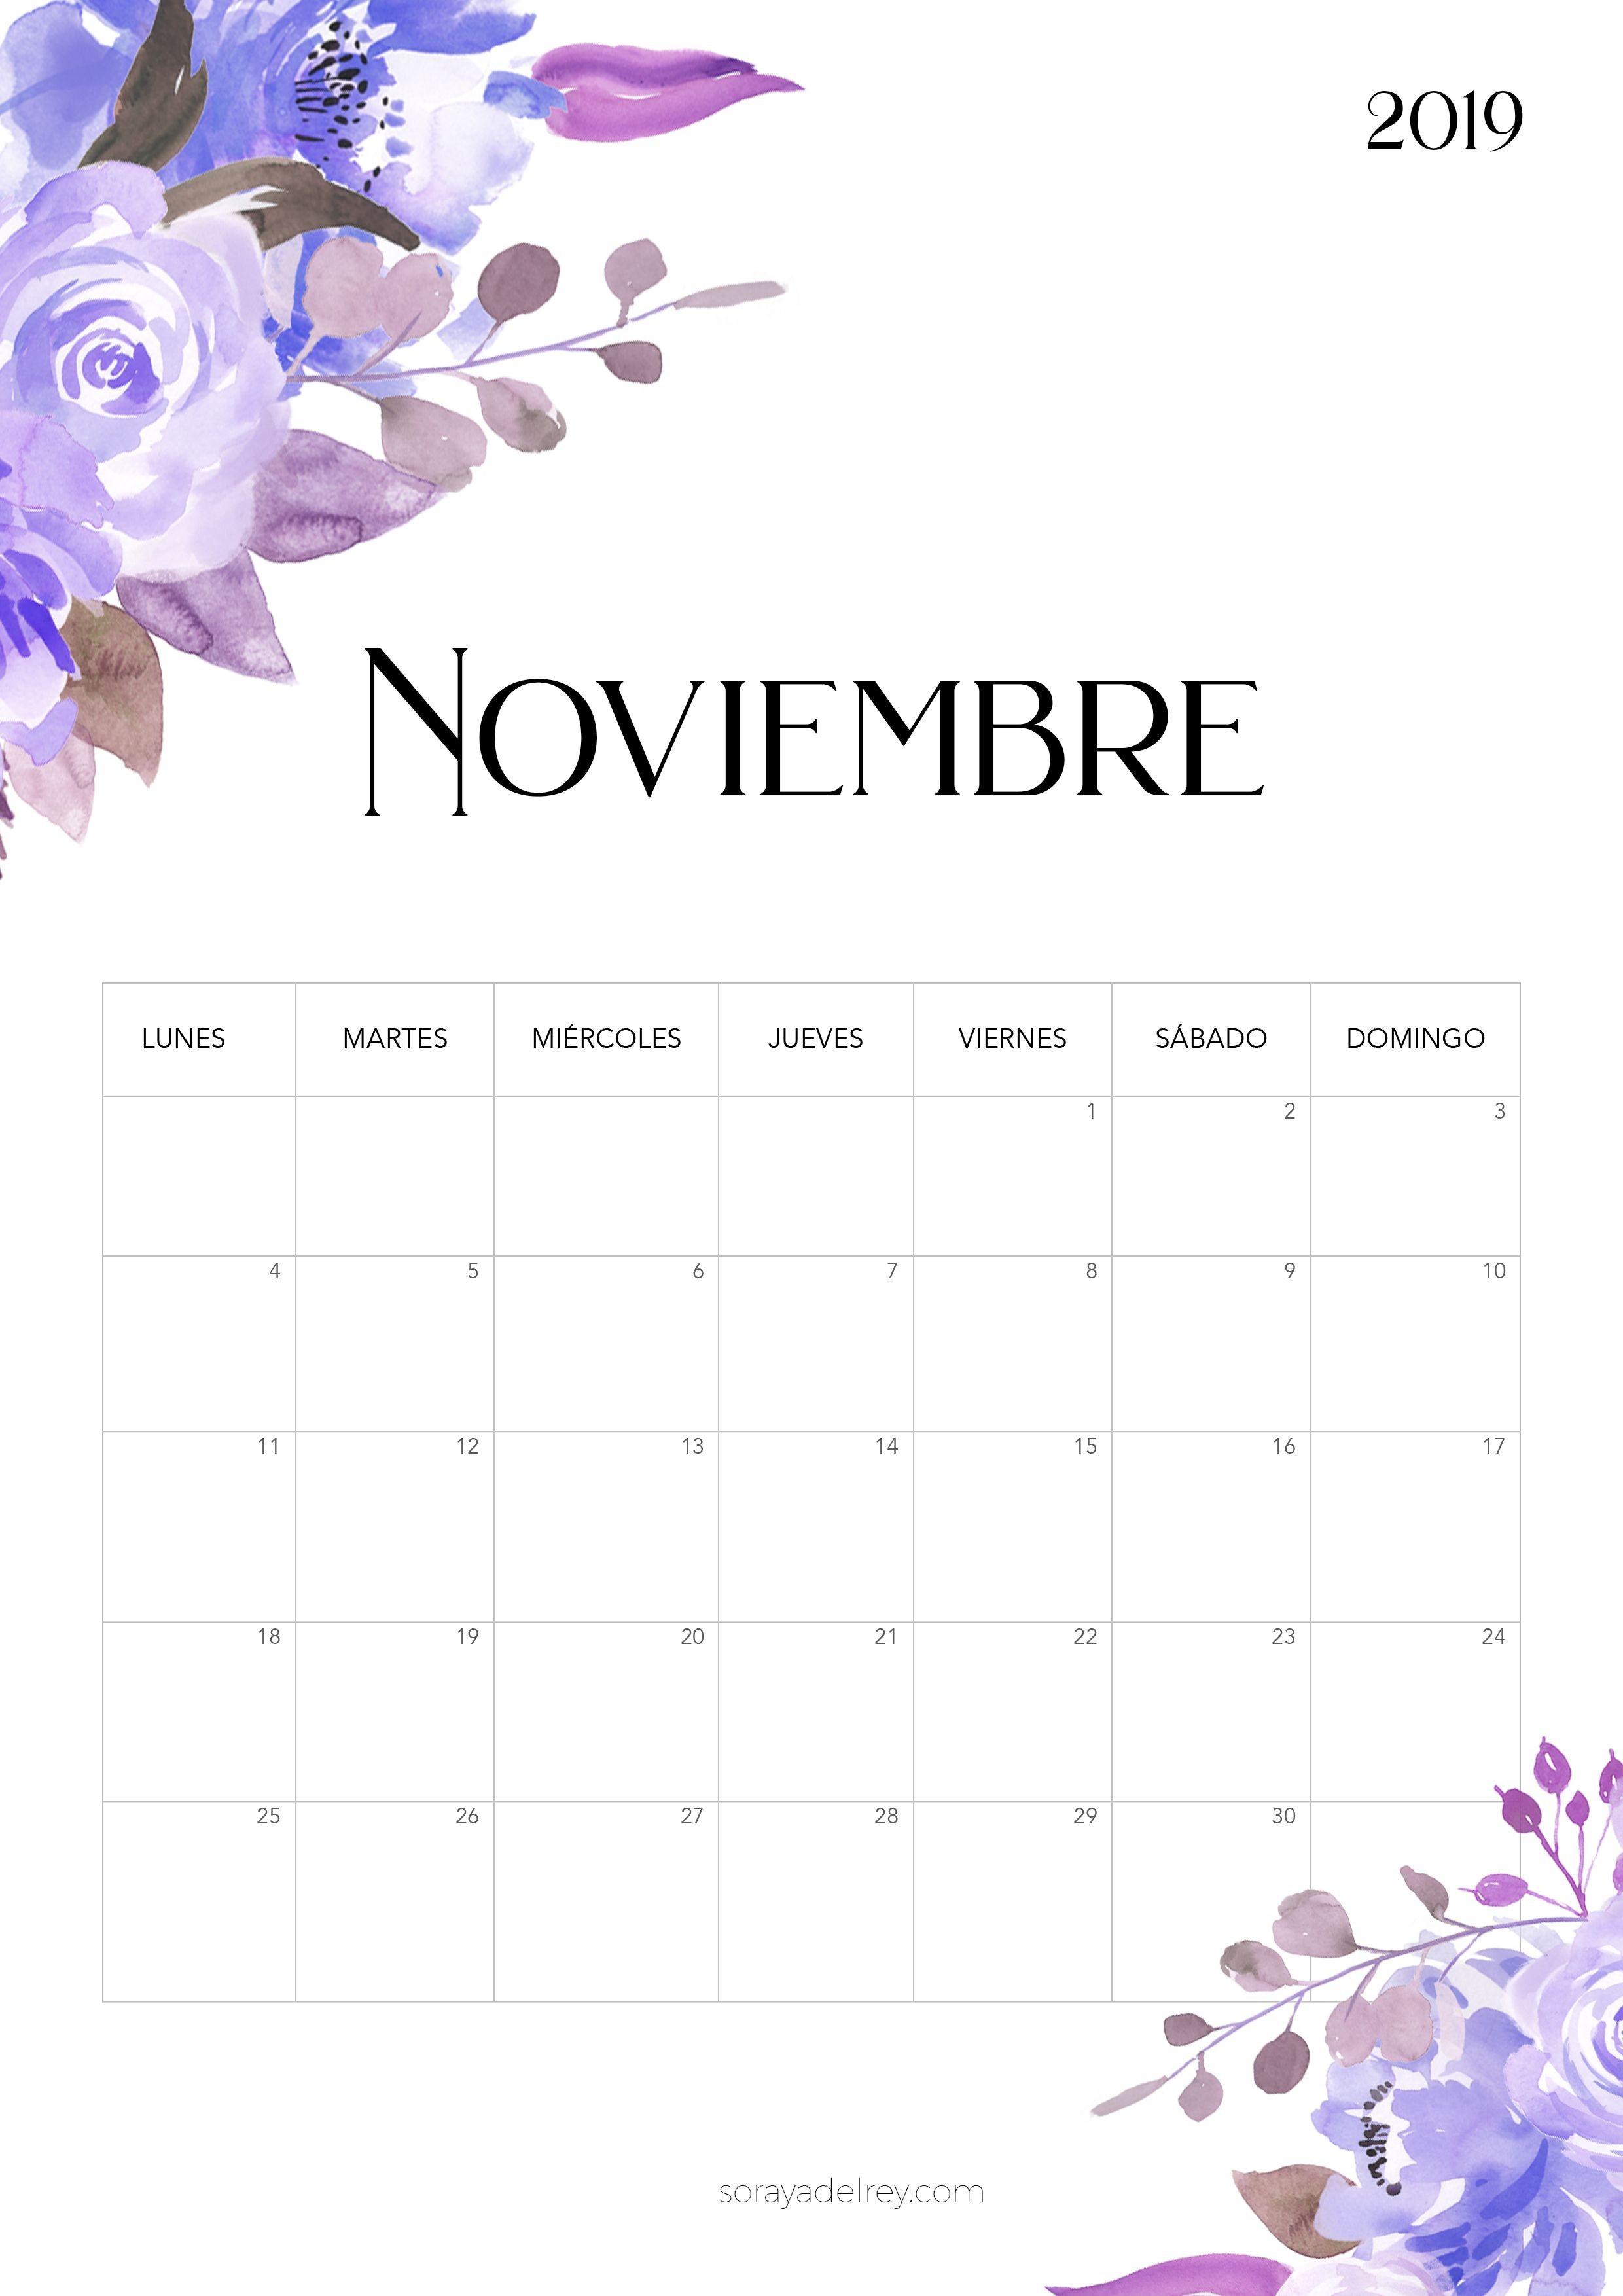 Calendario Bonito Imprimir 2019 Actual Papeleria Para Imprimir Papeleriaparaimprimir En Pinterest